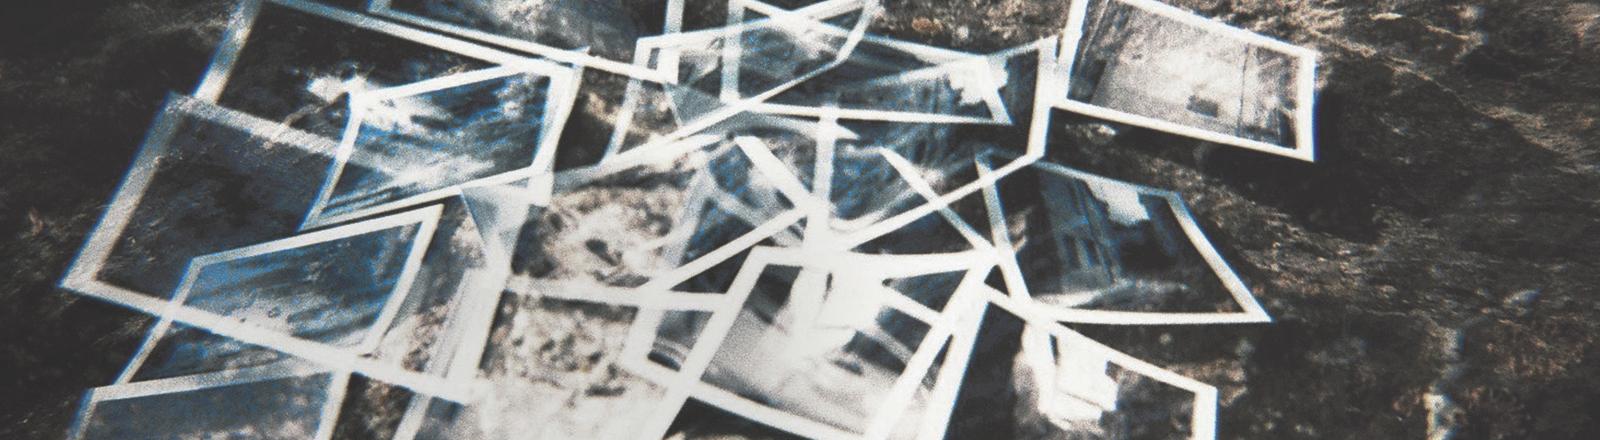 Fotos liegen auf einem Haufen auf dem Boden